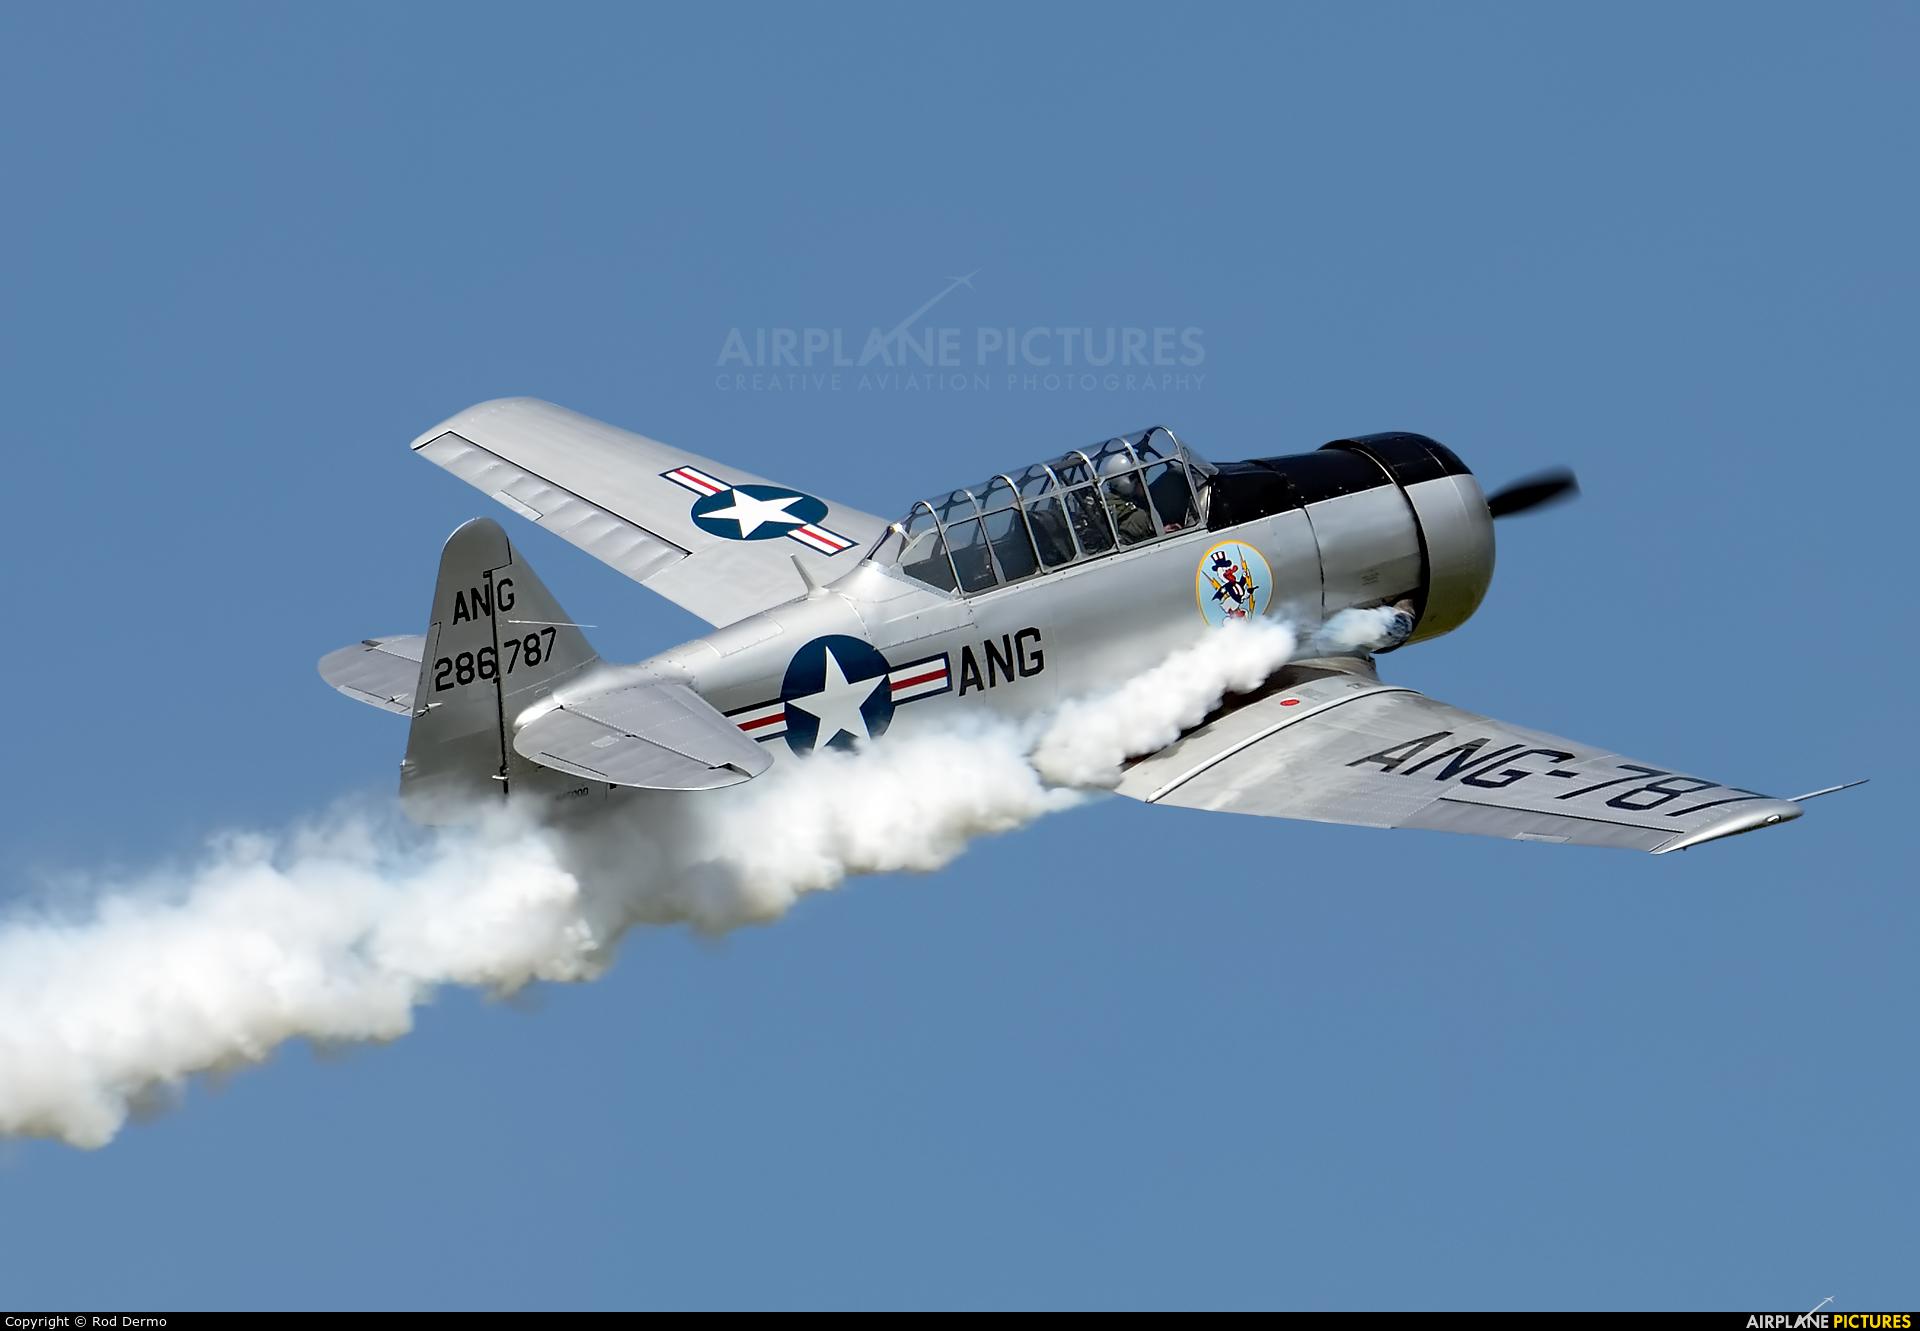 Private N49NA aircraft at Selfridge ANGB